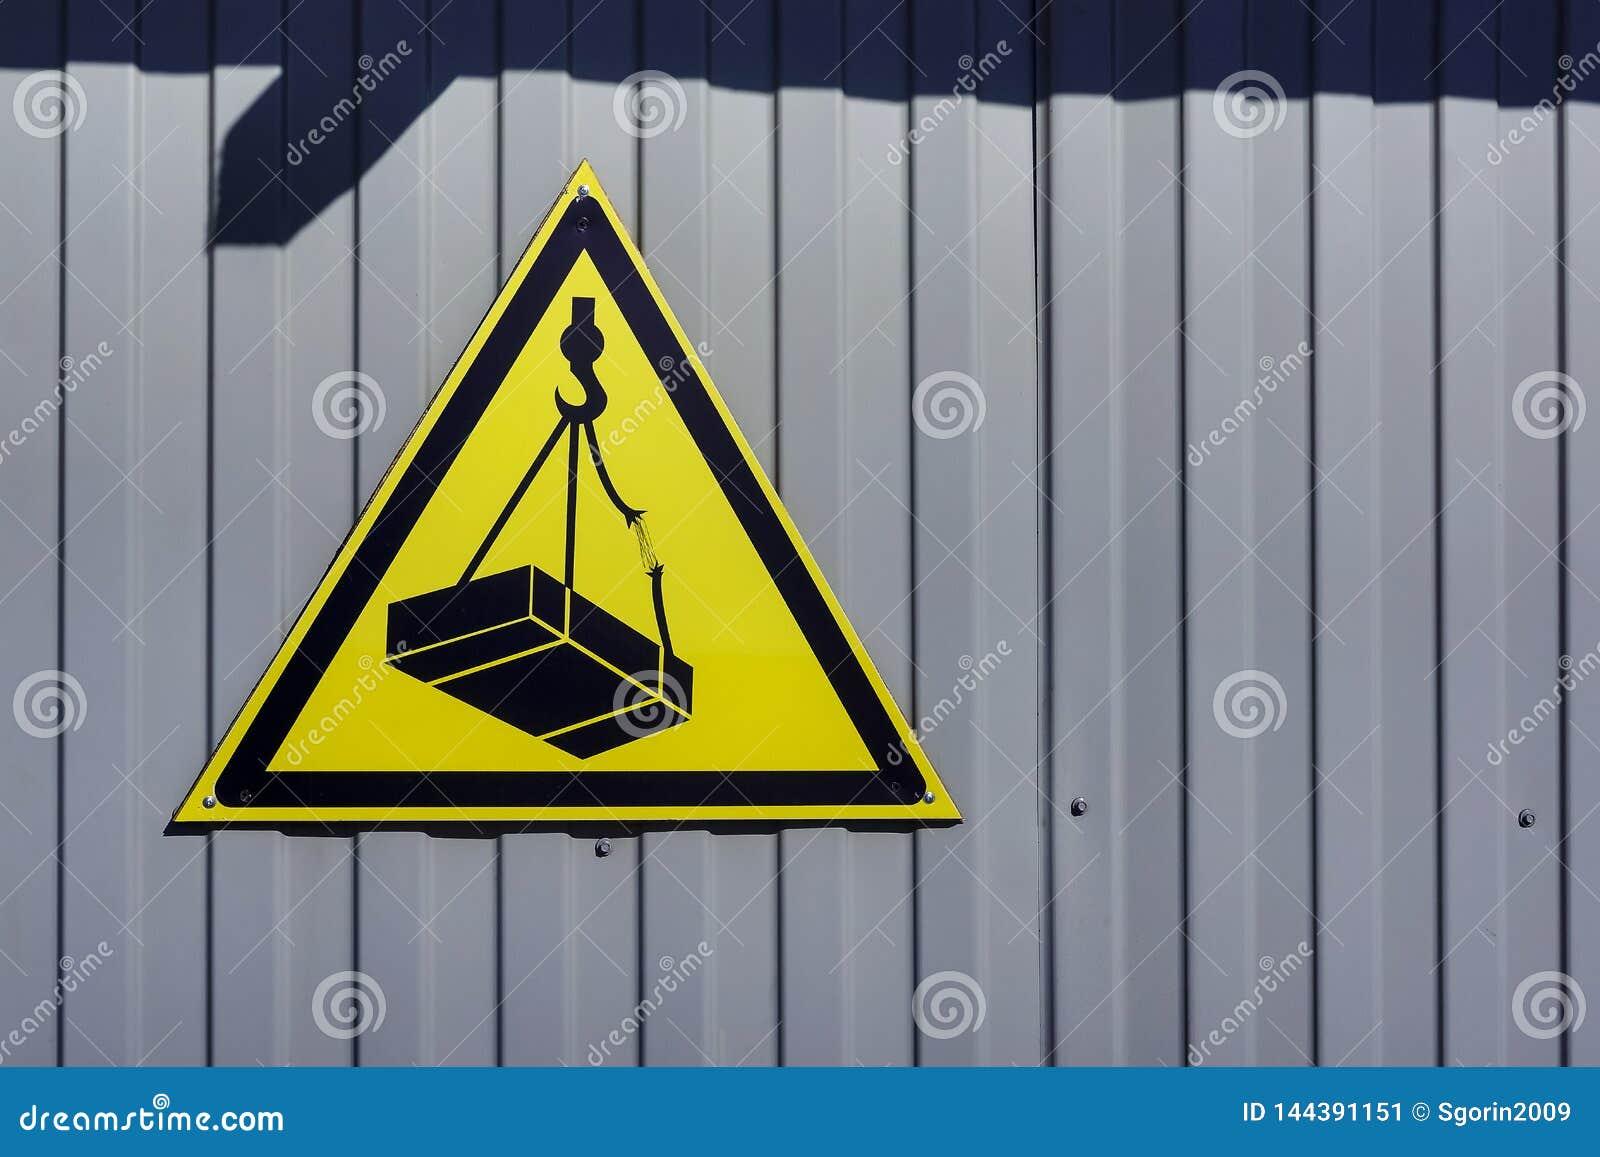 Omheiningsachtergrond met waarschuwingsbord over gevaar van dalende lading van kraan